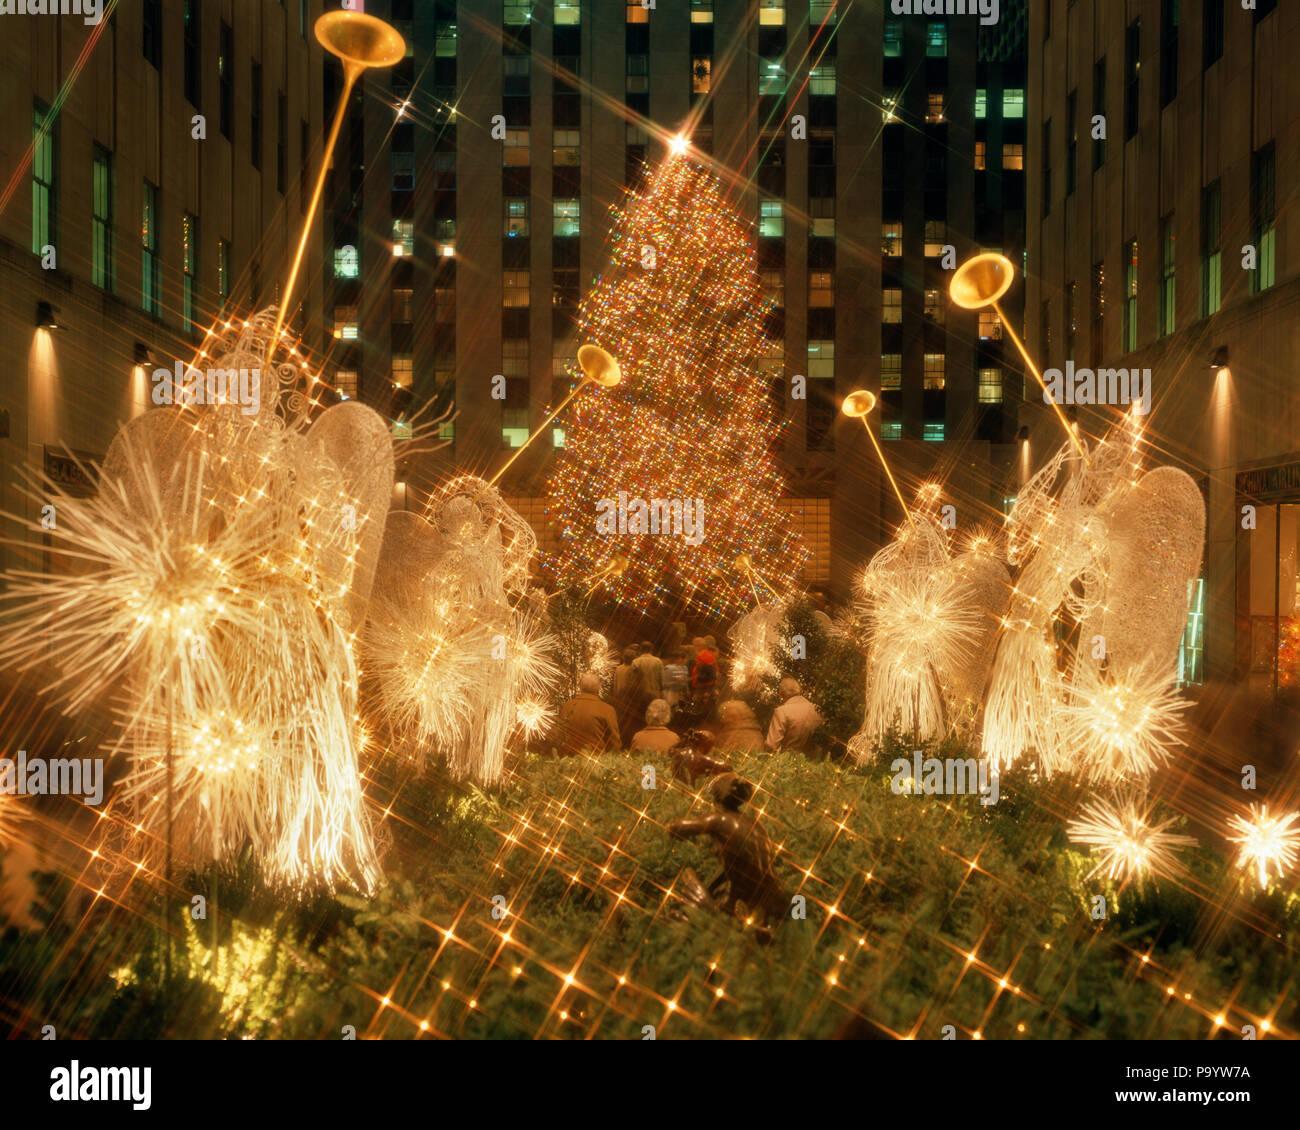 Années 1980, Rockefeller Center et l'ARBRE DE NOËL ANGES LUMINEUX NEW YORK CITY NEW YORK USA - KX10355 KRU001 HARS, NEW YORK CITY de nuit éclairé la créativité de la cinquième avenue à l'ANCIENNE STAR FILTER Photo Stock